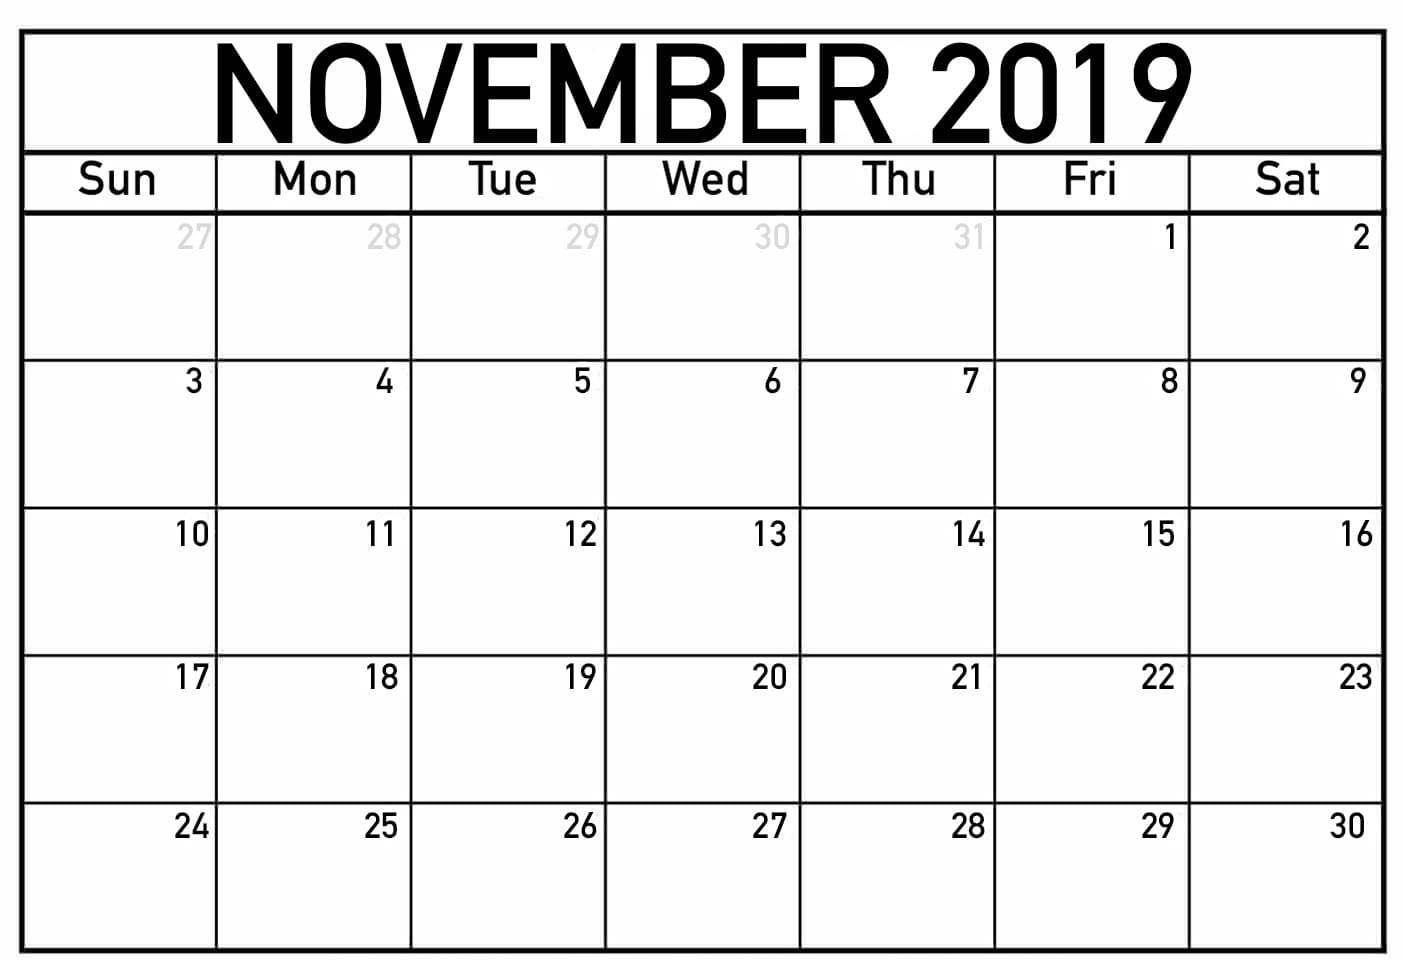 Cute November 2019 Calendar Printable Calendar Template Free Calendar Template Free Printable Calendar Templates